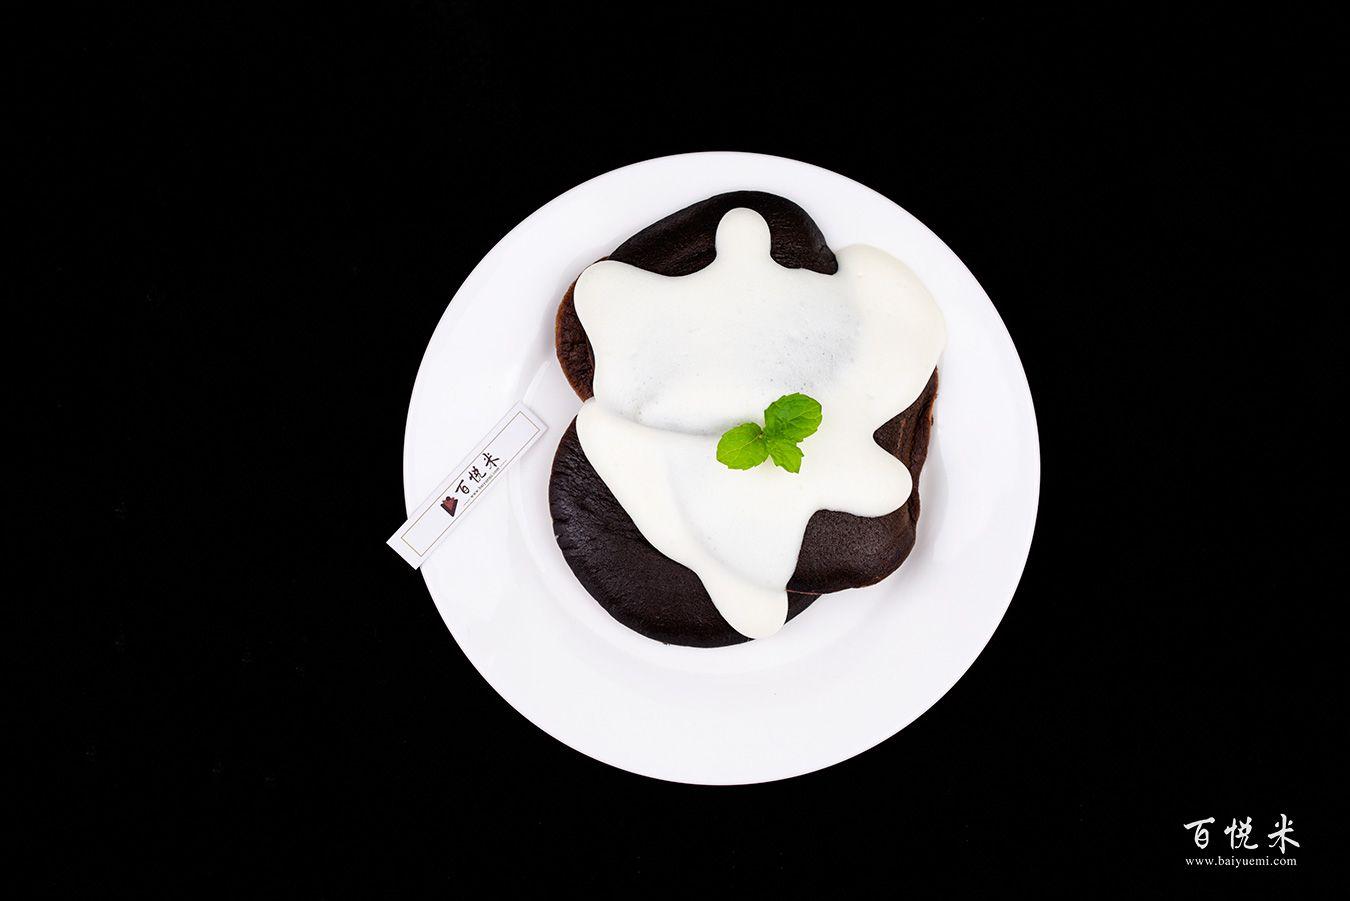 巧克力舒芙蕾高清图片大全【蛋糕图片】_991